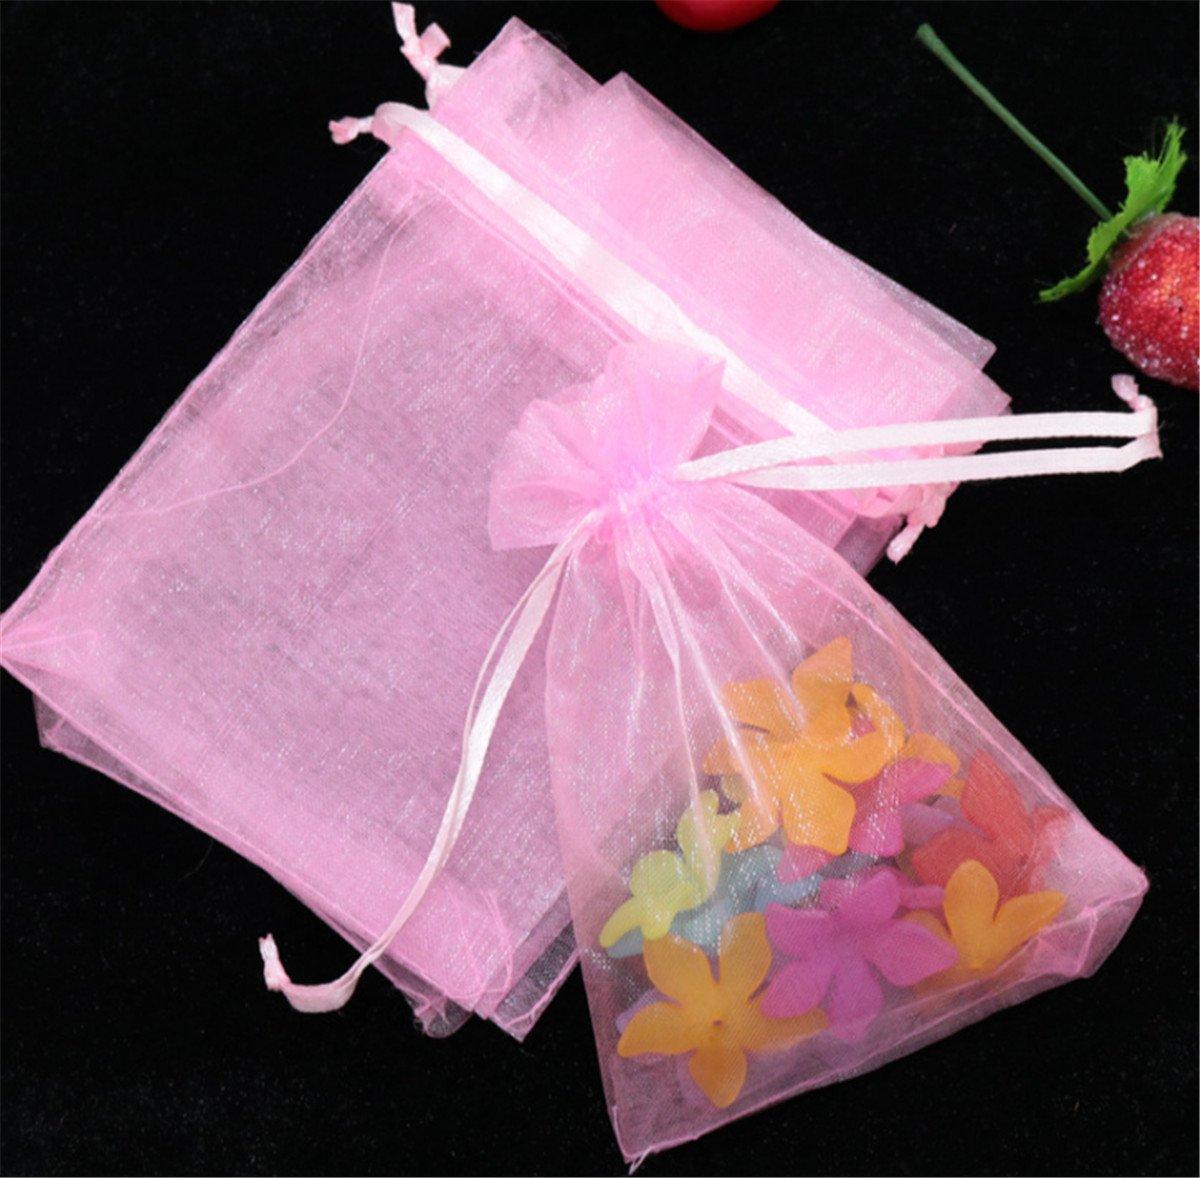 Homieco 100Pcs Organza sachets Cadeau Cordon de Serrage Bijoux Sac /à Bijoux Sachets Pochettes Cadeau faveur de Mariage Sacs pour Candy Bar Mariage Anniversaire No/ël Partie